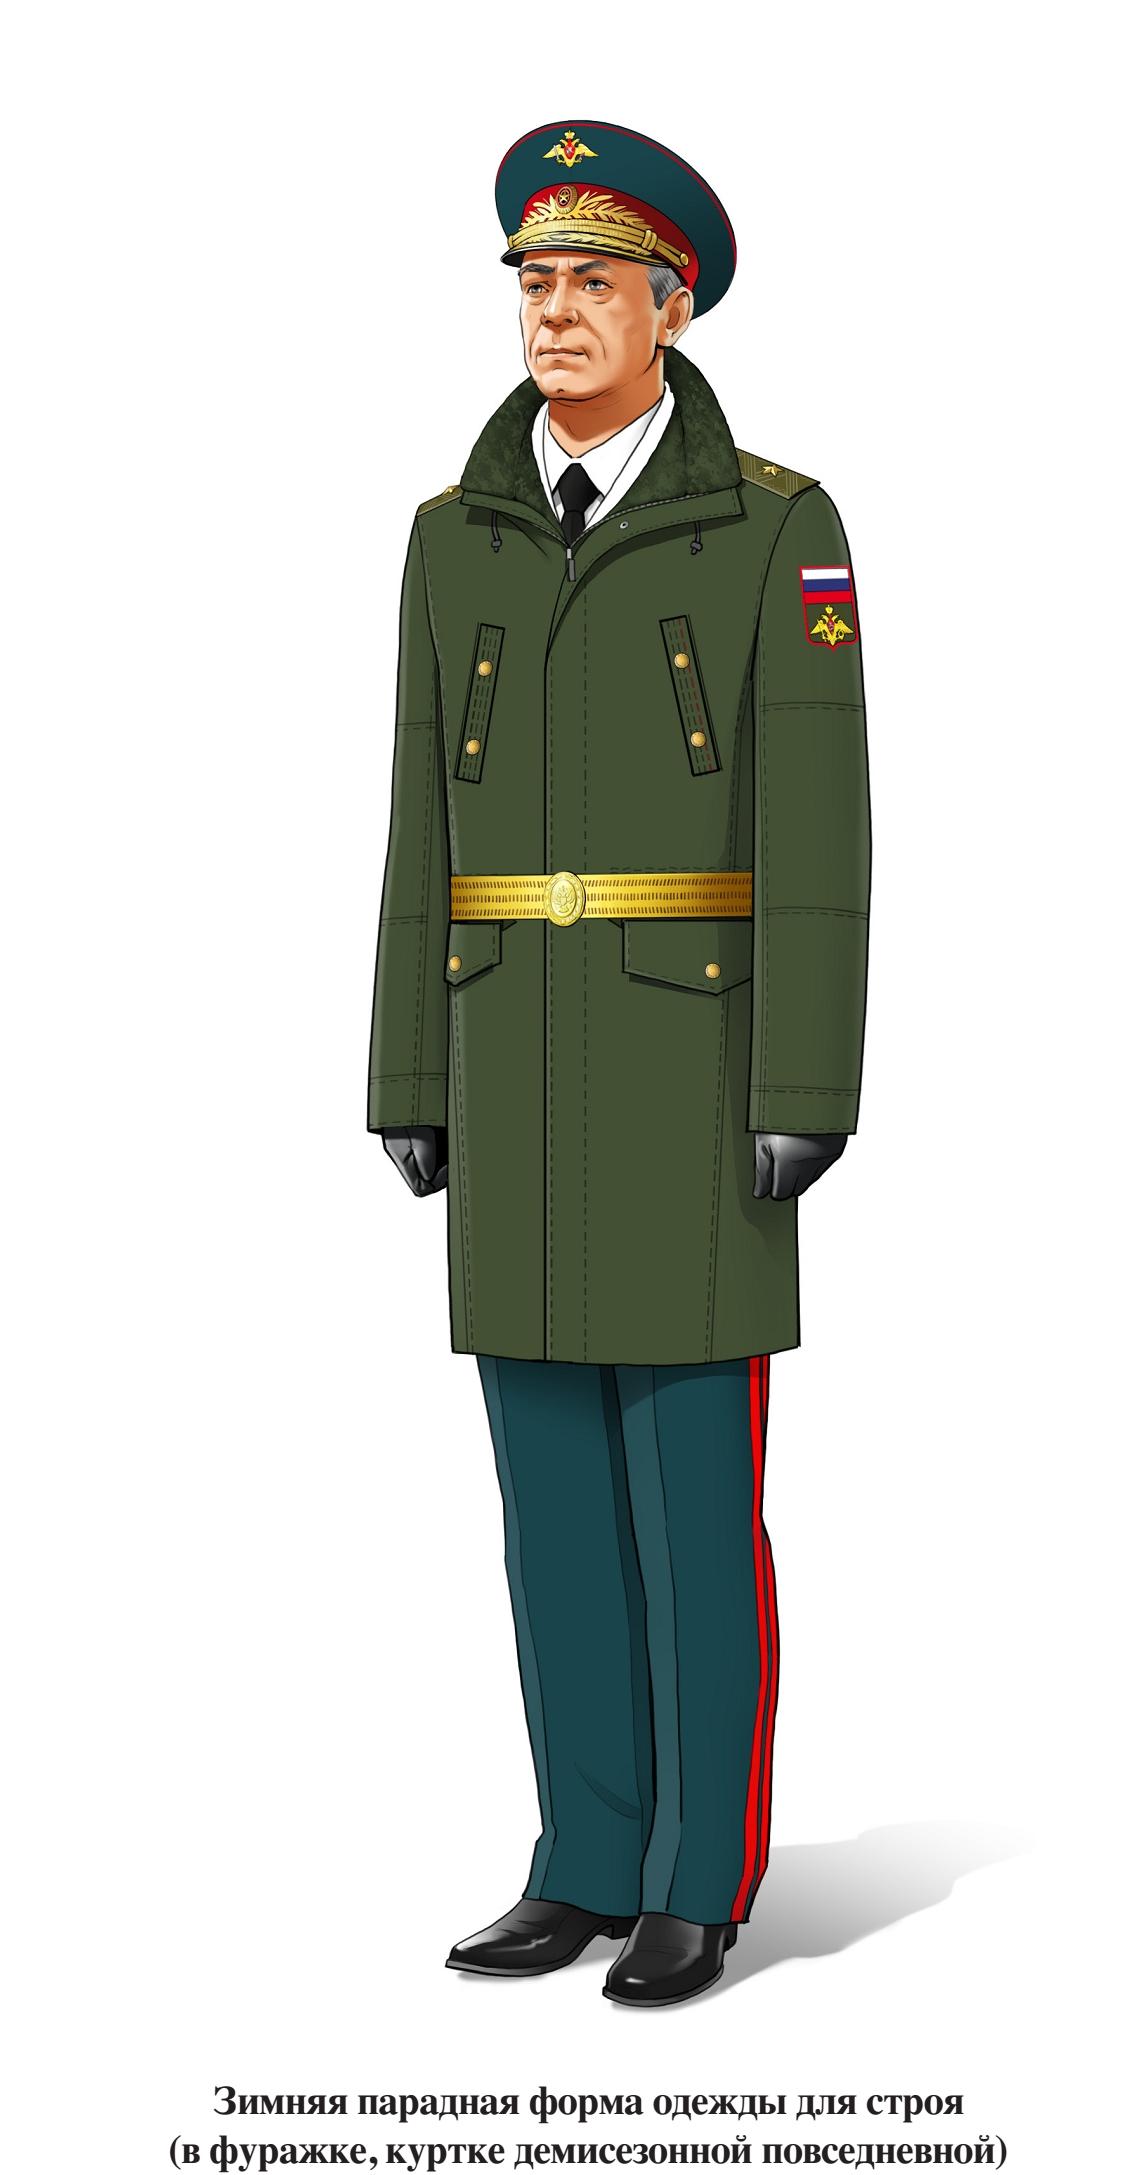 Офисная форма одежды для военнослужащих с доставкой